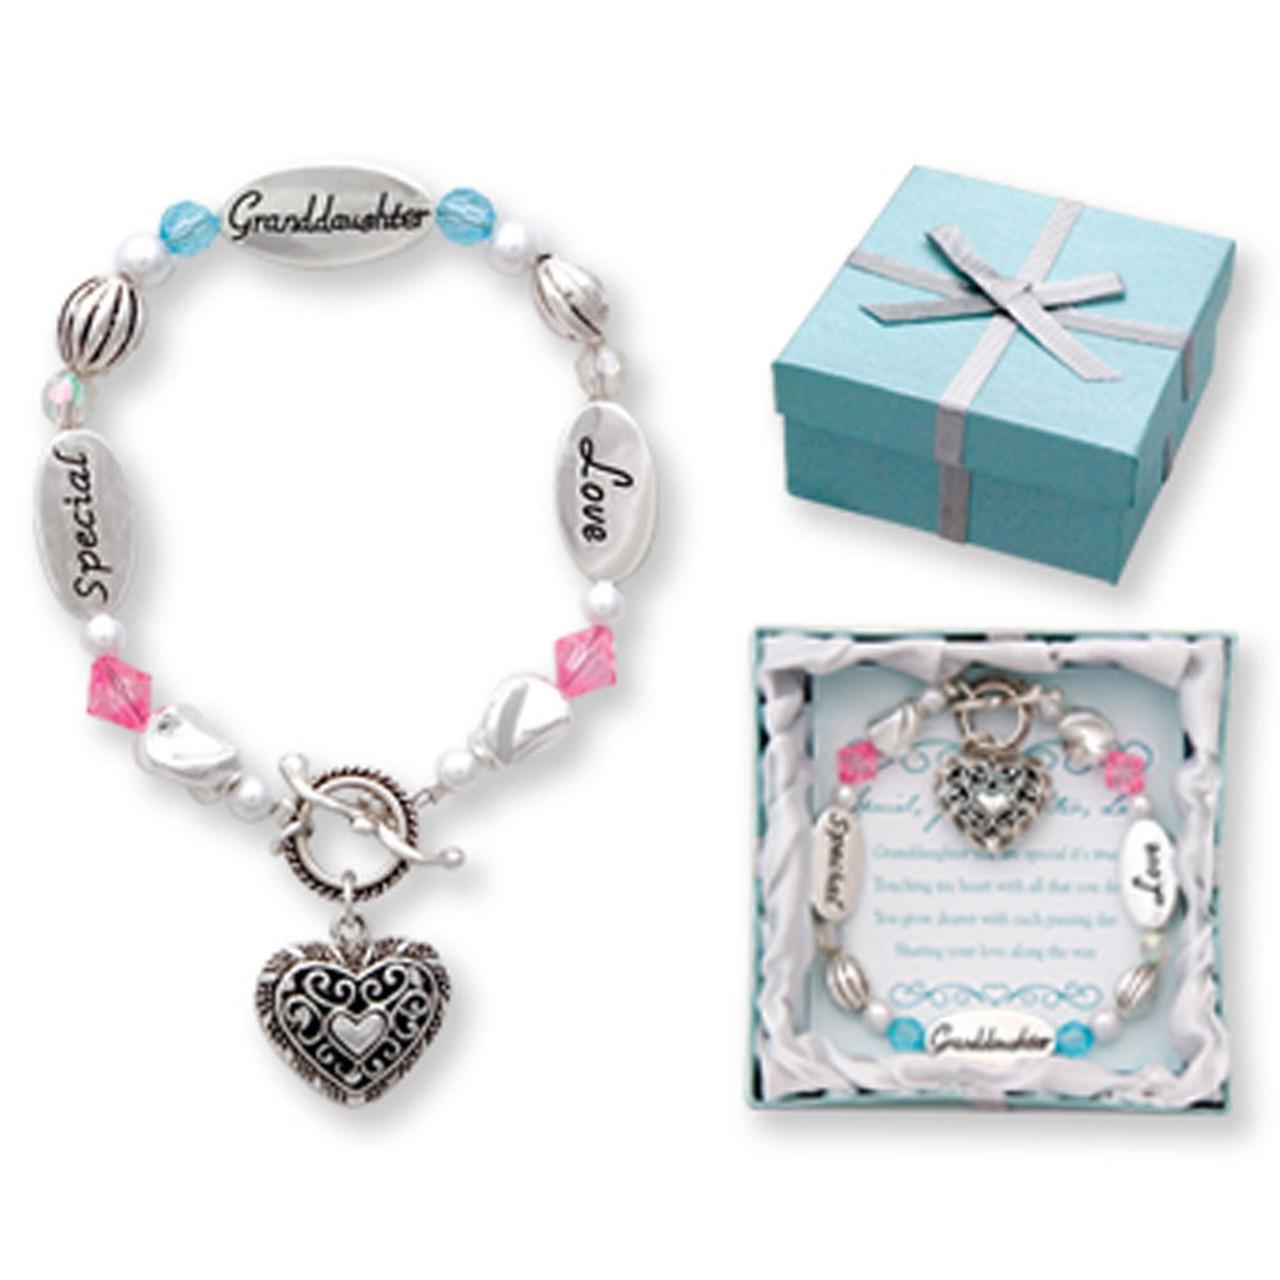 Granddaughter Charm Bracelet